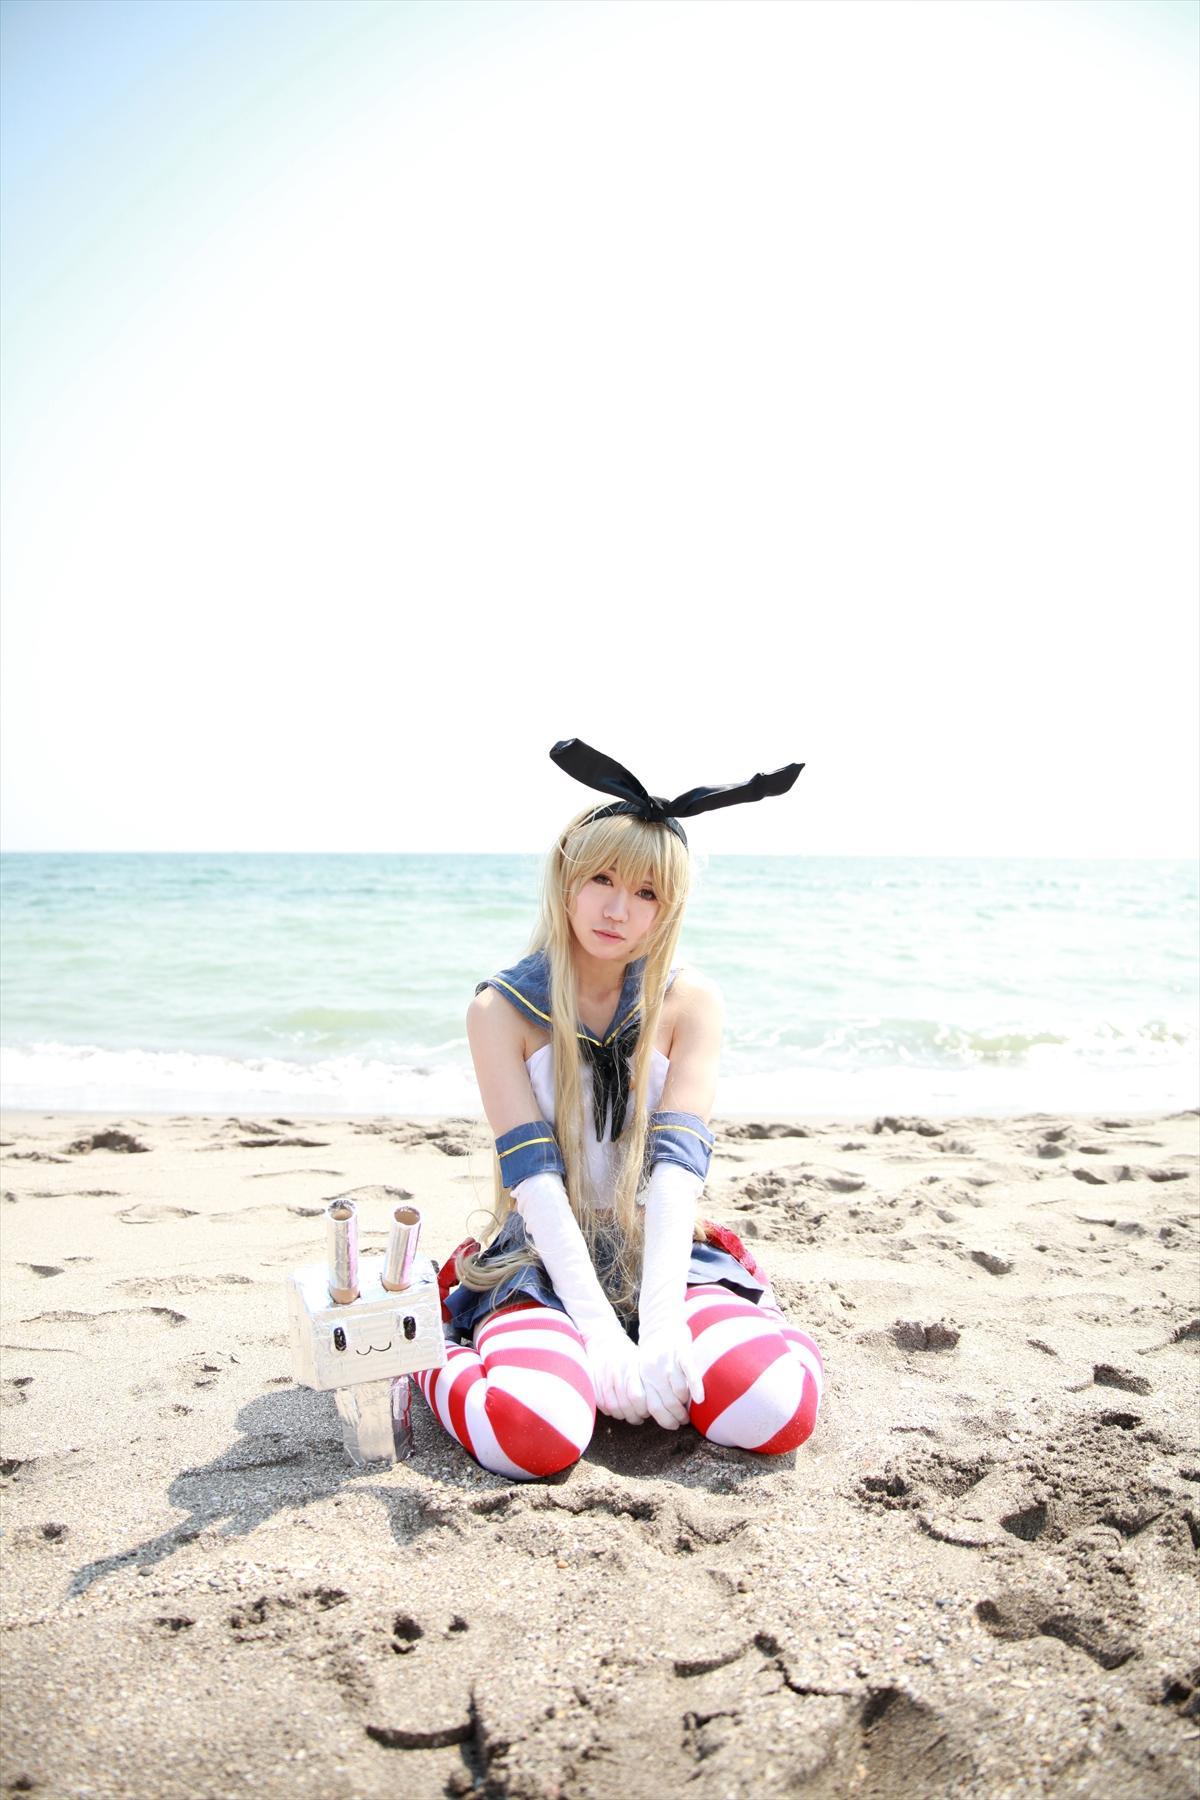 呆萌丁字裤少女!岛风酱的沙滩cosplay